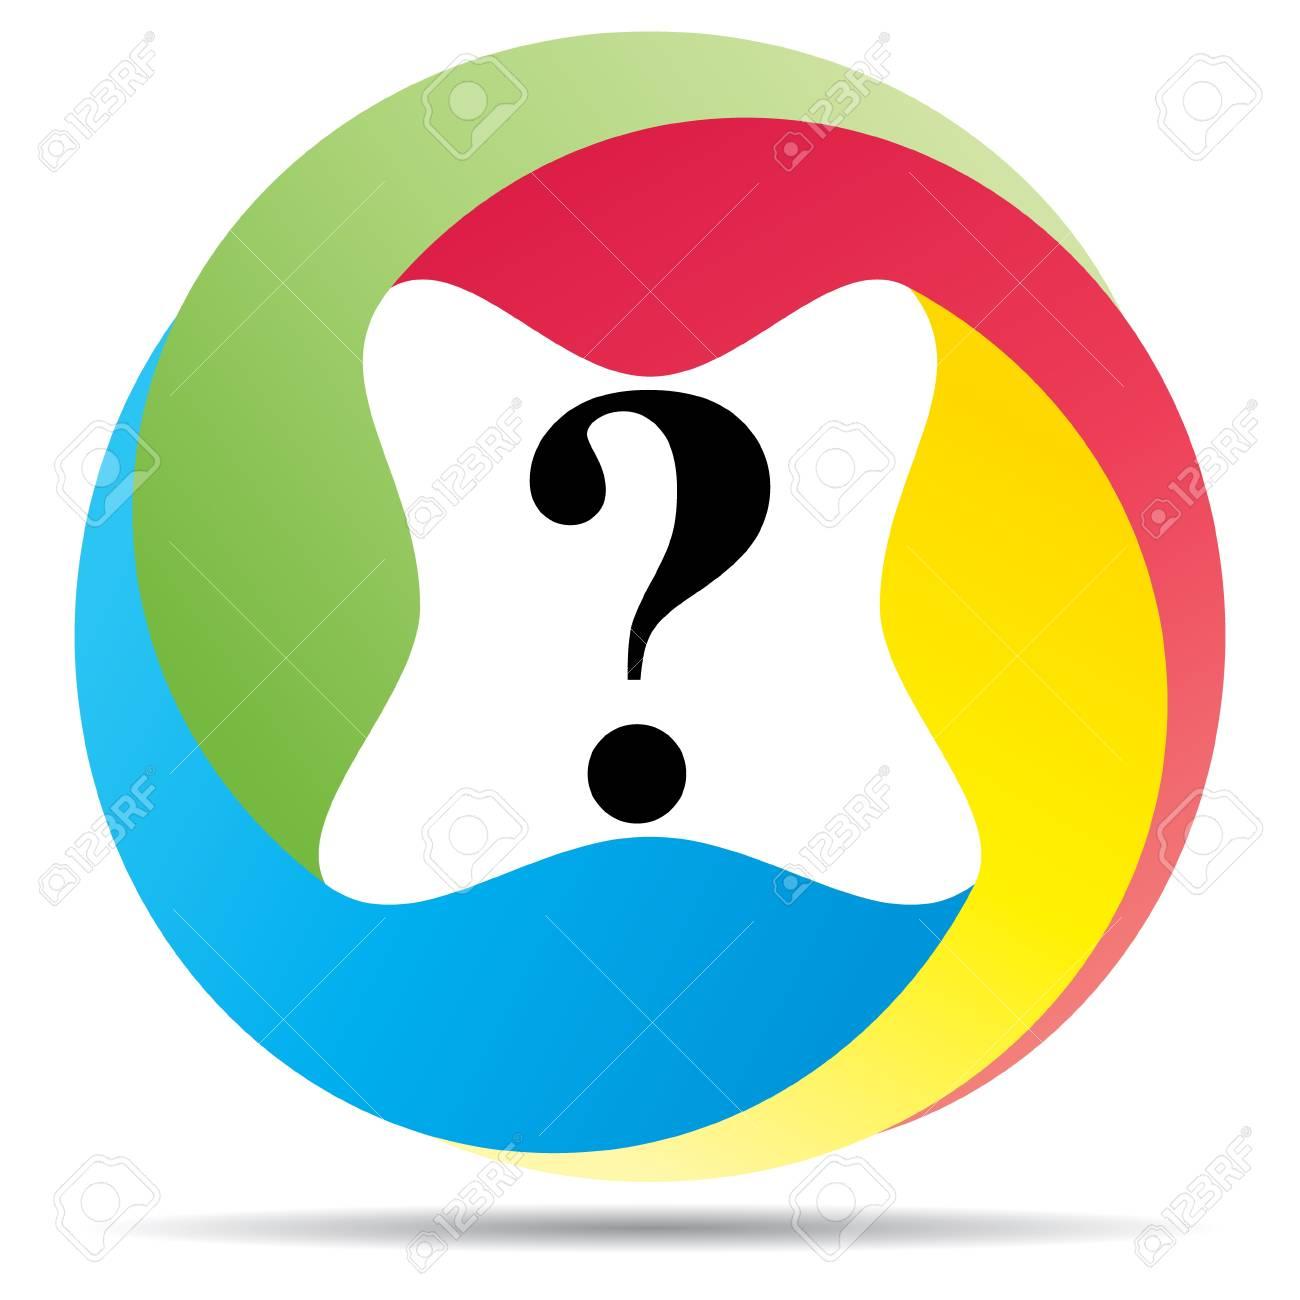 question button Stock Vector - 10466628